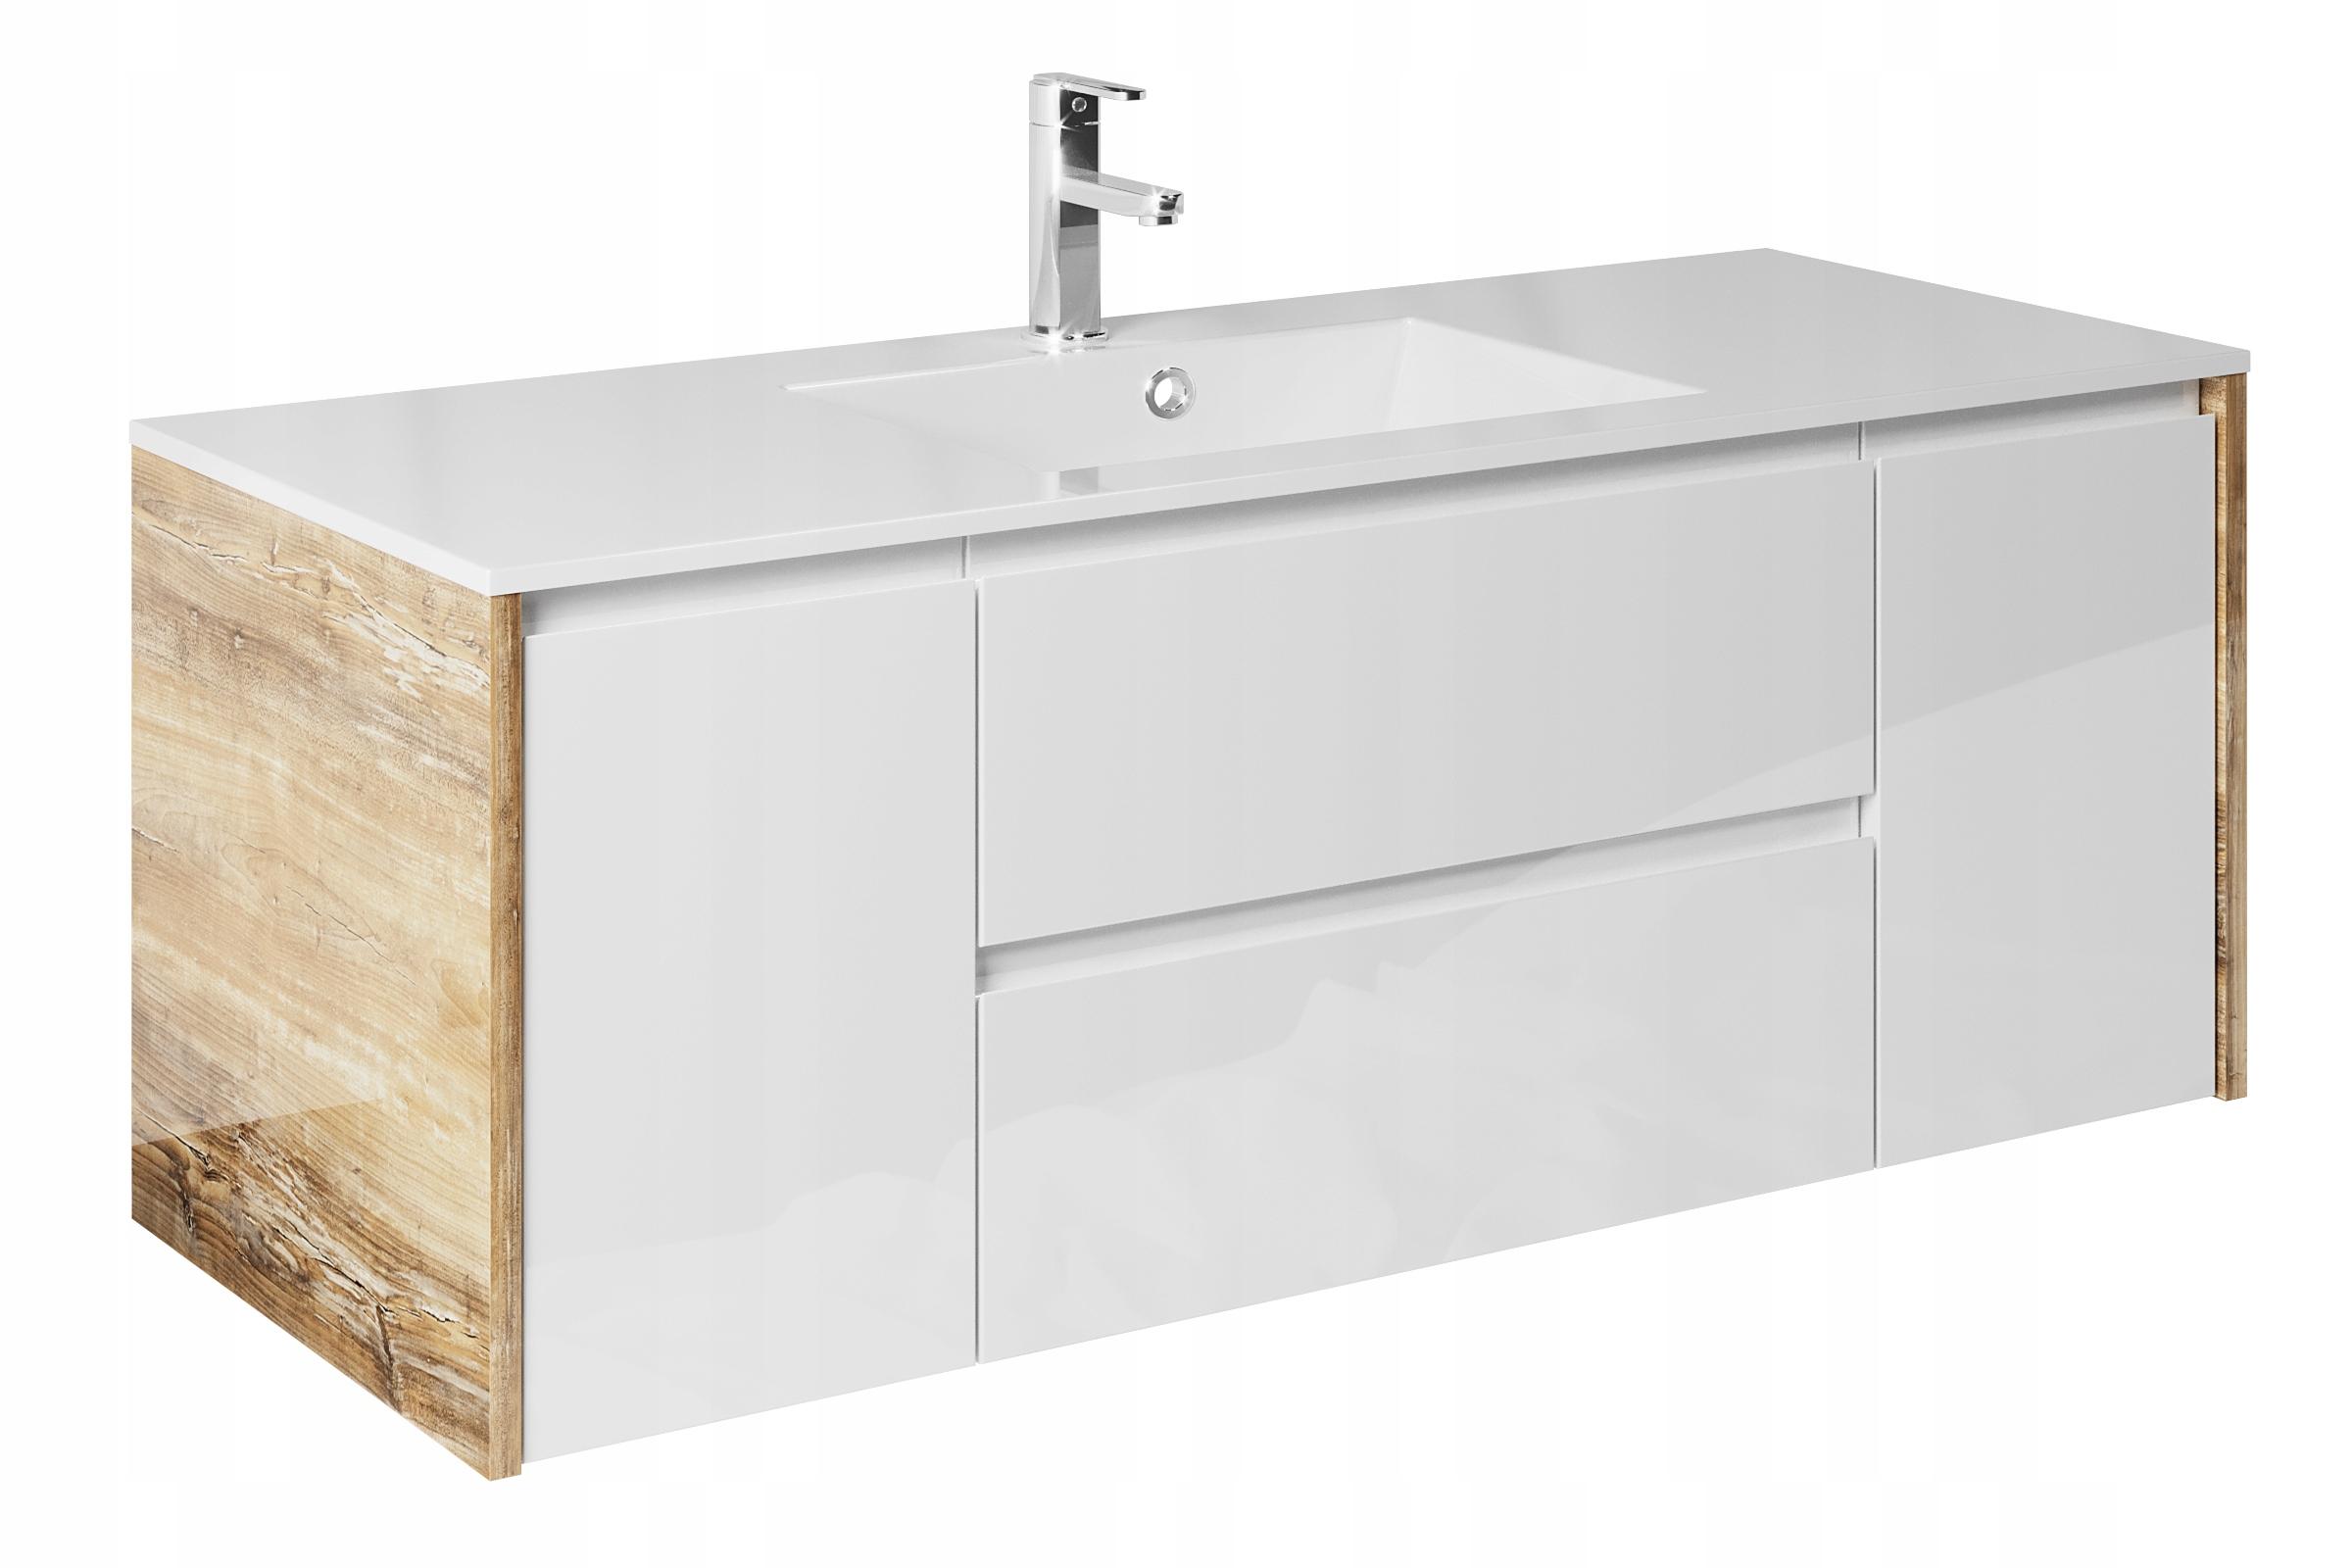 Skrinka s umývadlom 120 x 48 kúpeľňový Nábytok HECTOR